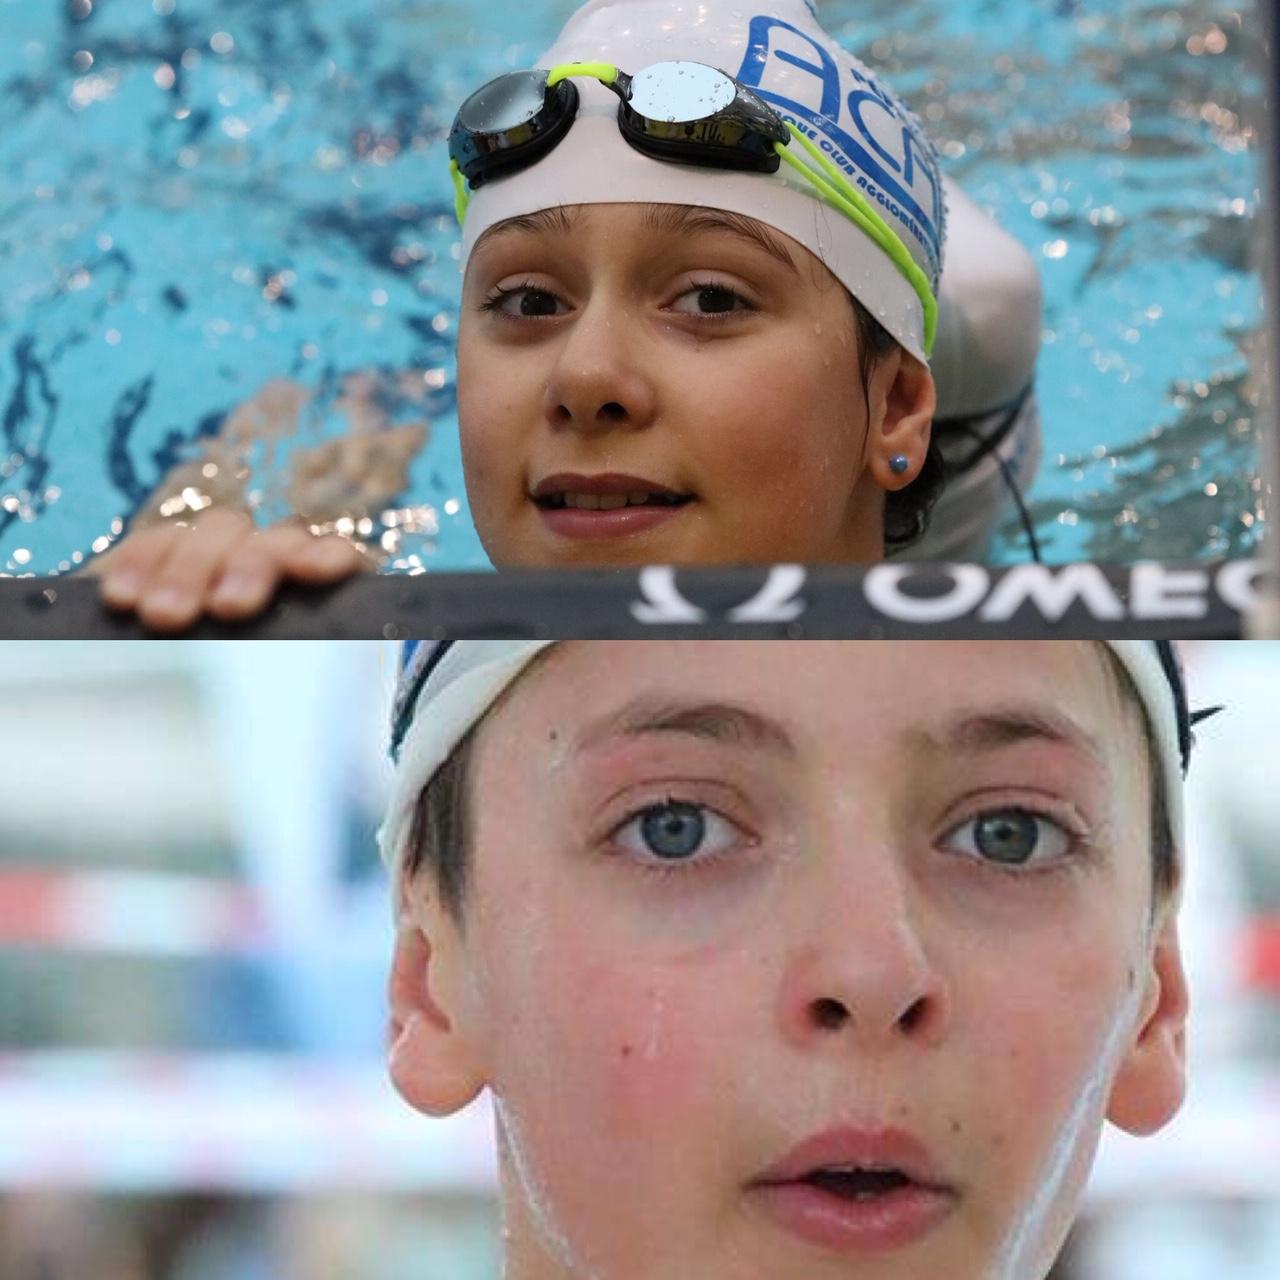 2 jeunes qualifiés au championnat de France